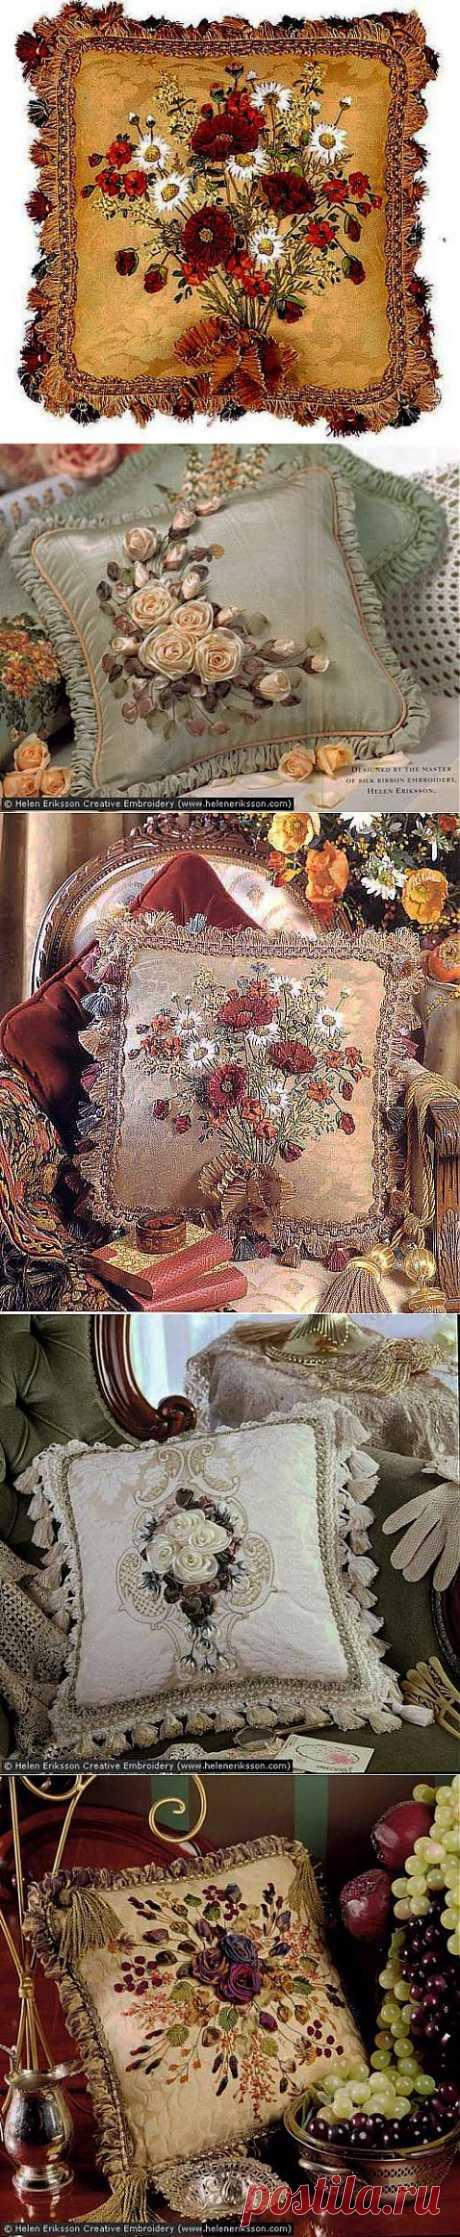 Вышивка лентами | HobbyNotes.ru